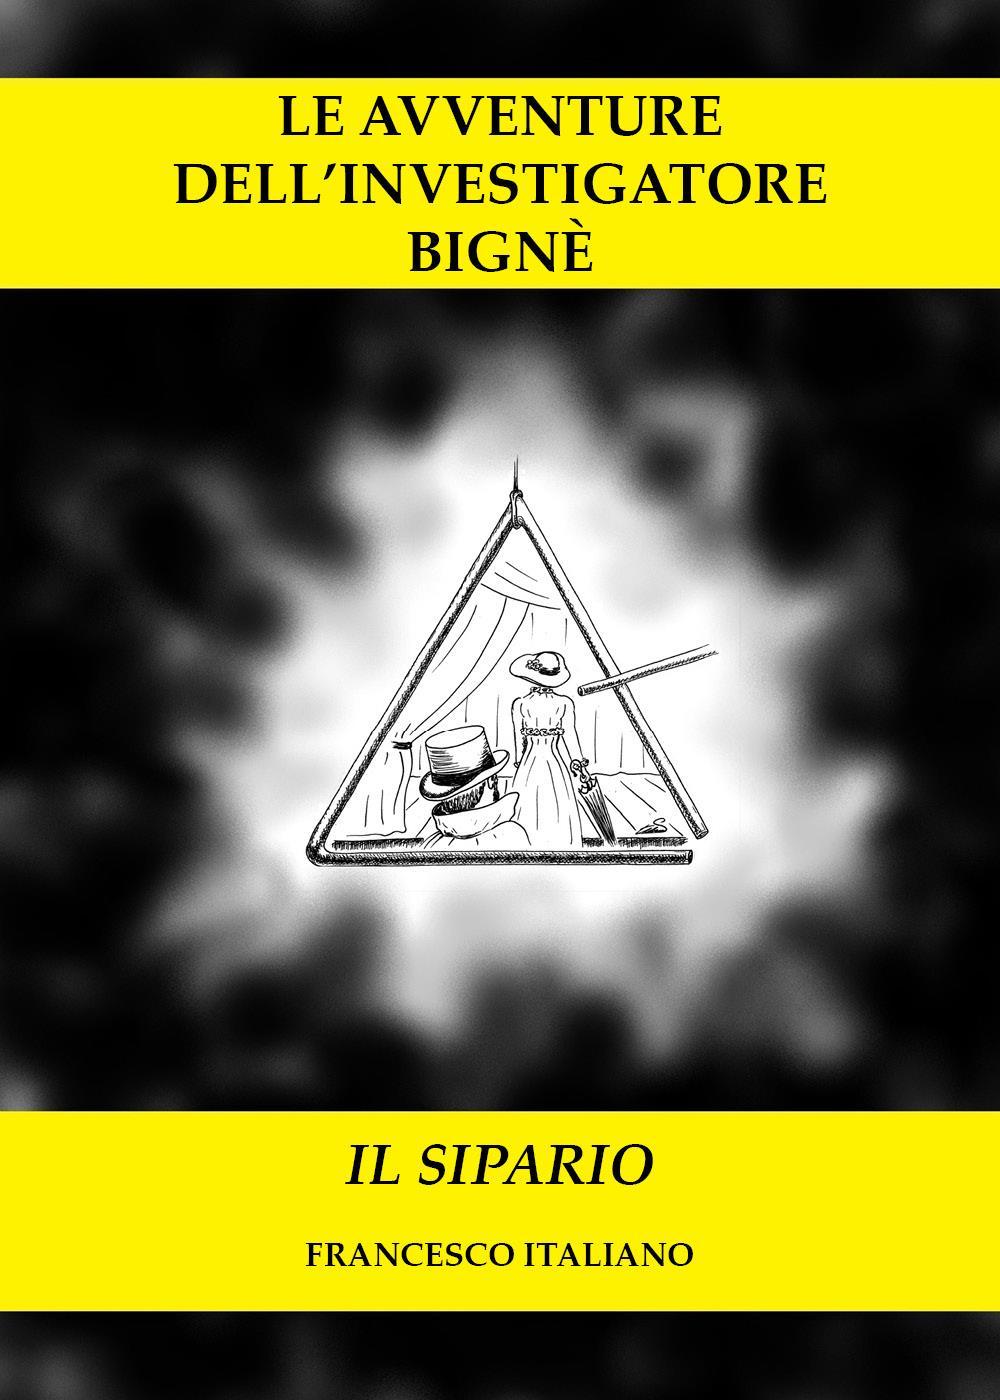 Le avventure dell'investigatore Bignè - Il sipario